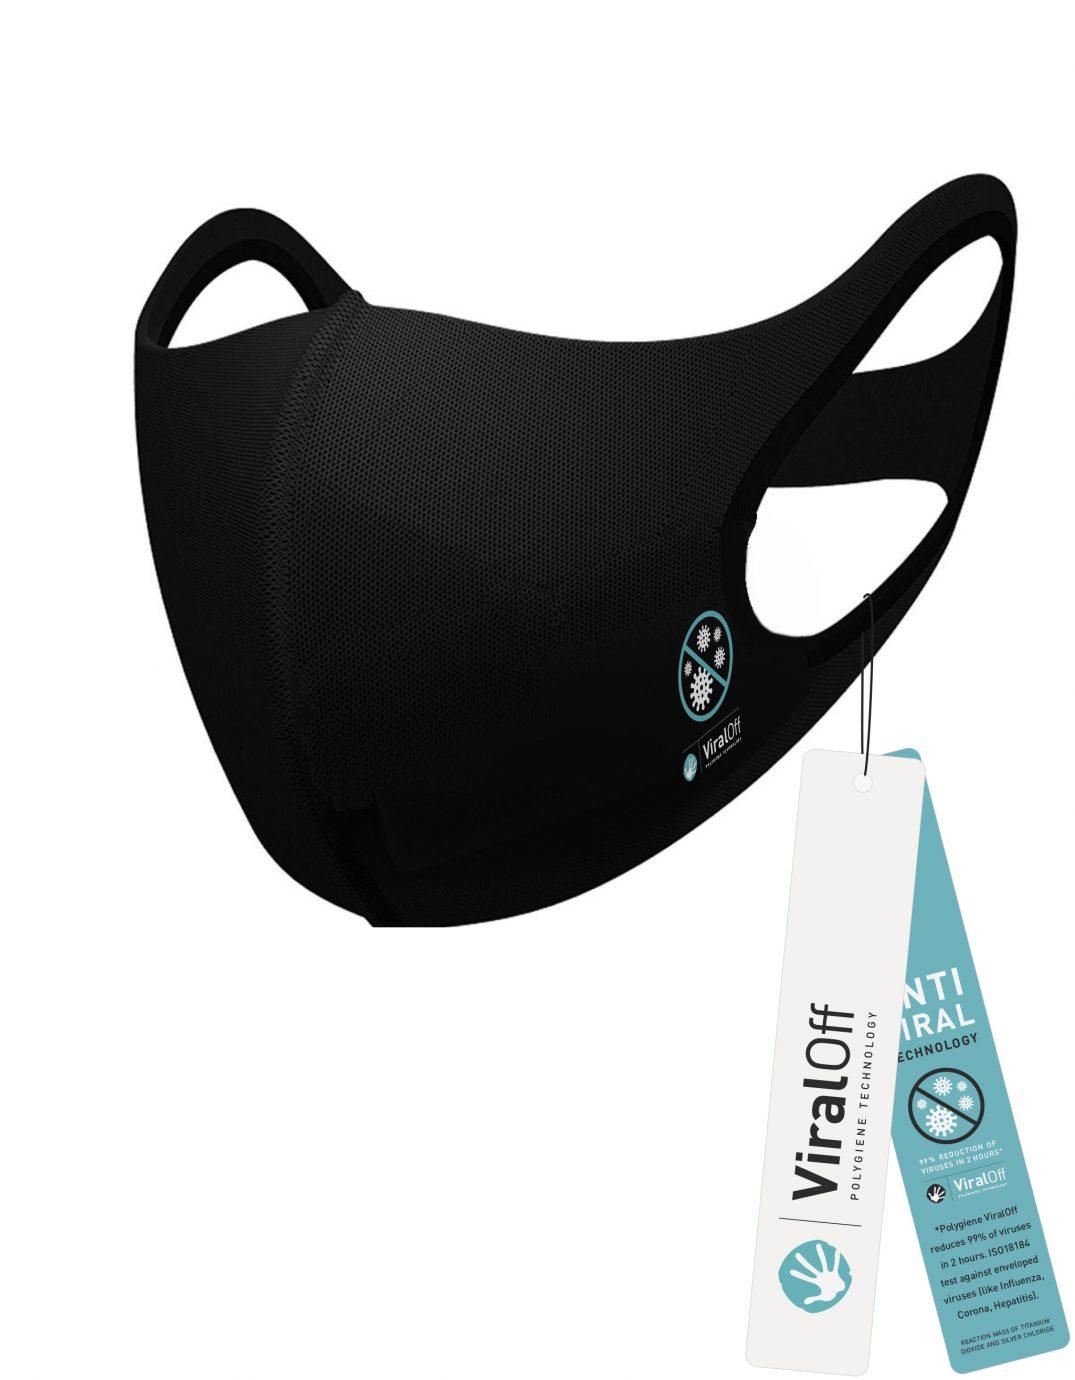 viraloff-facemask